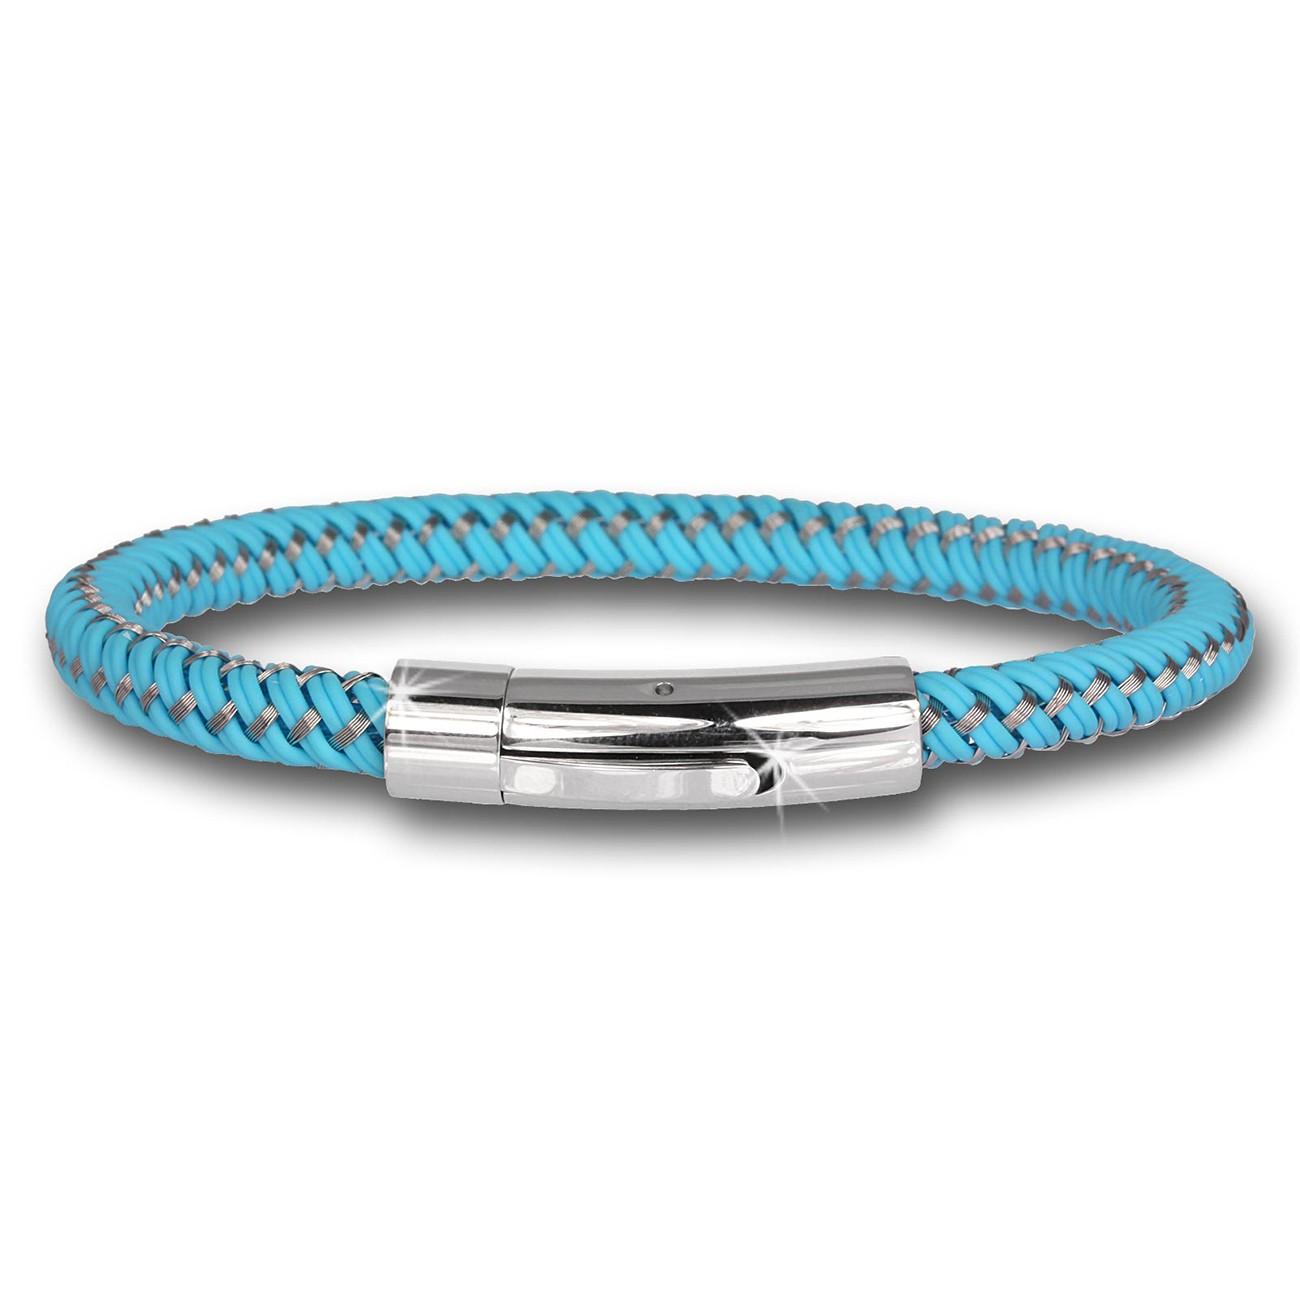 SilberDream Damen Armband Geflecht türkis mit Stahlverschluss SDA503T